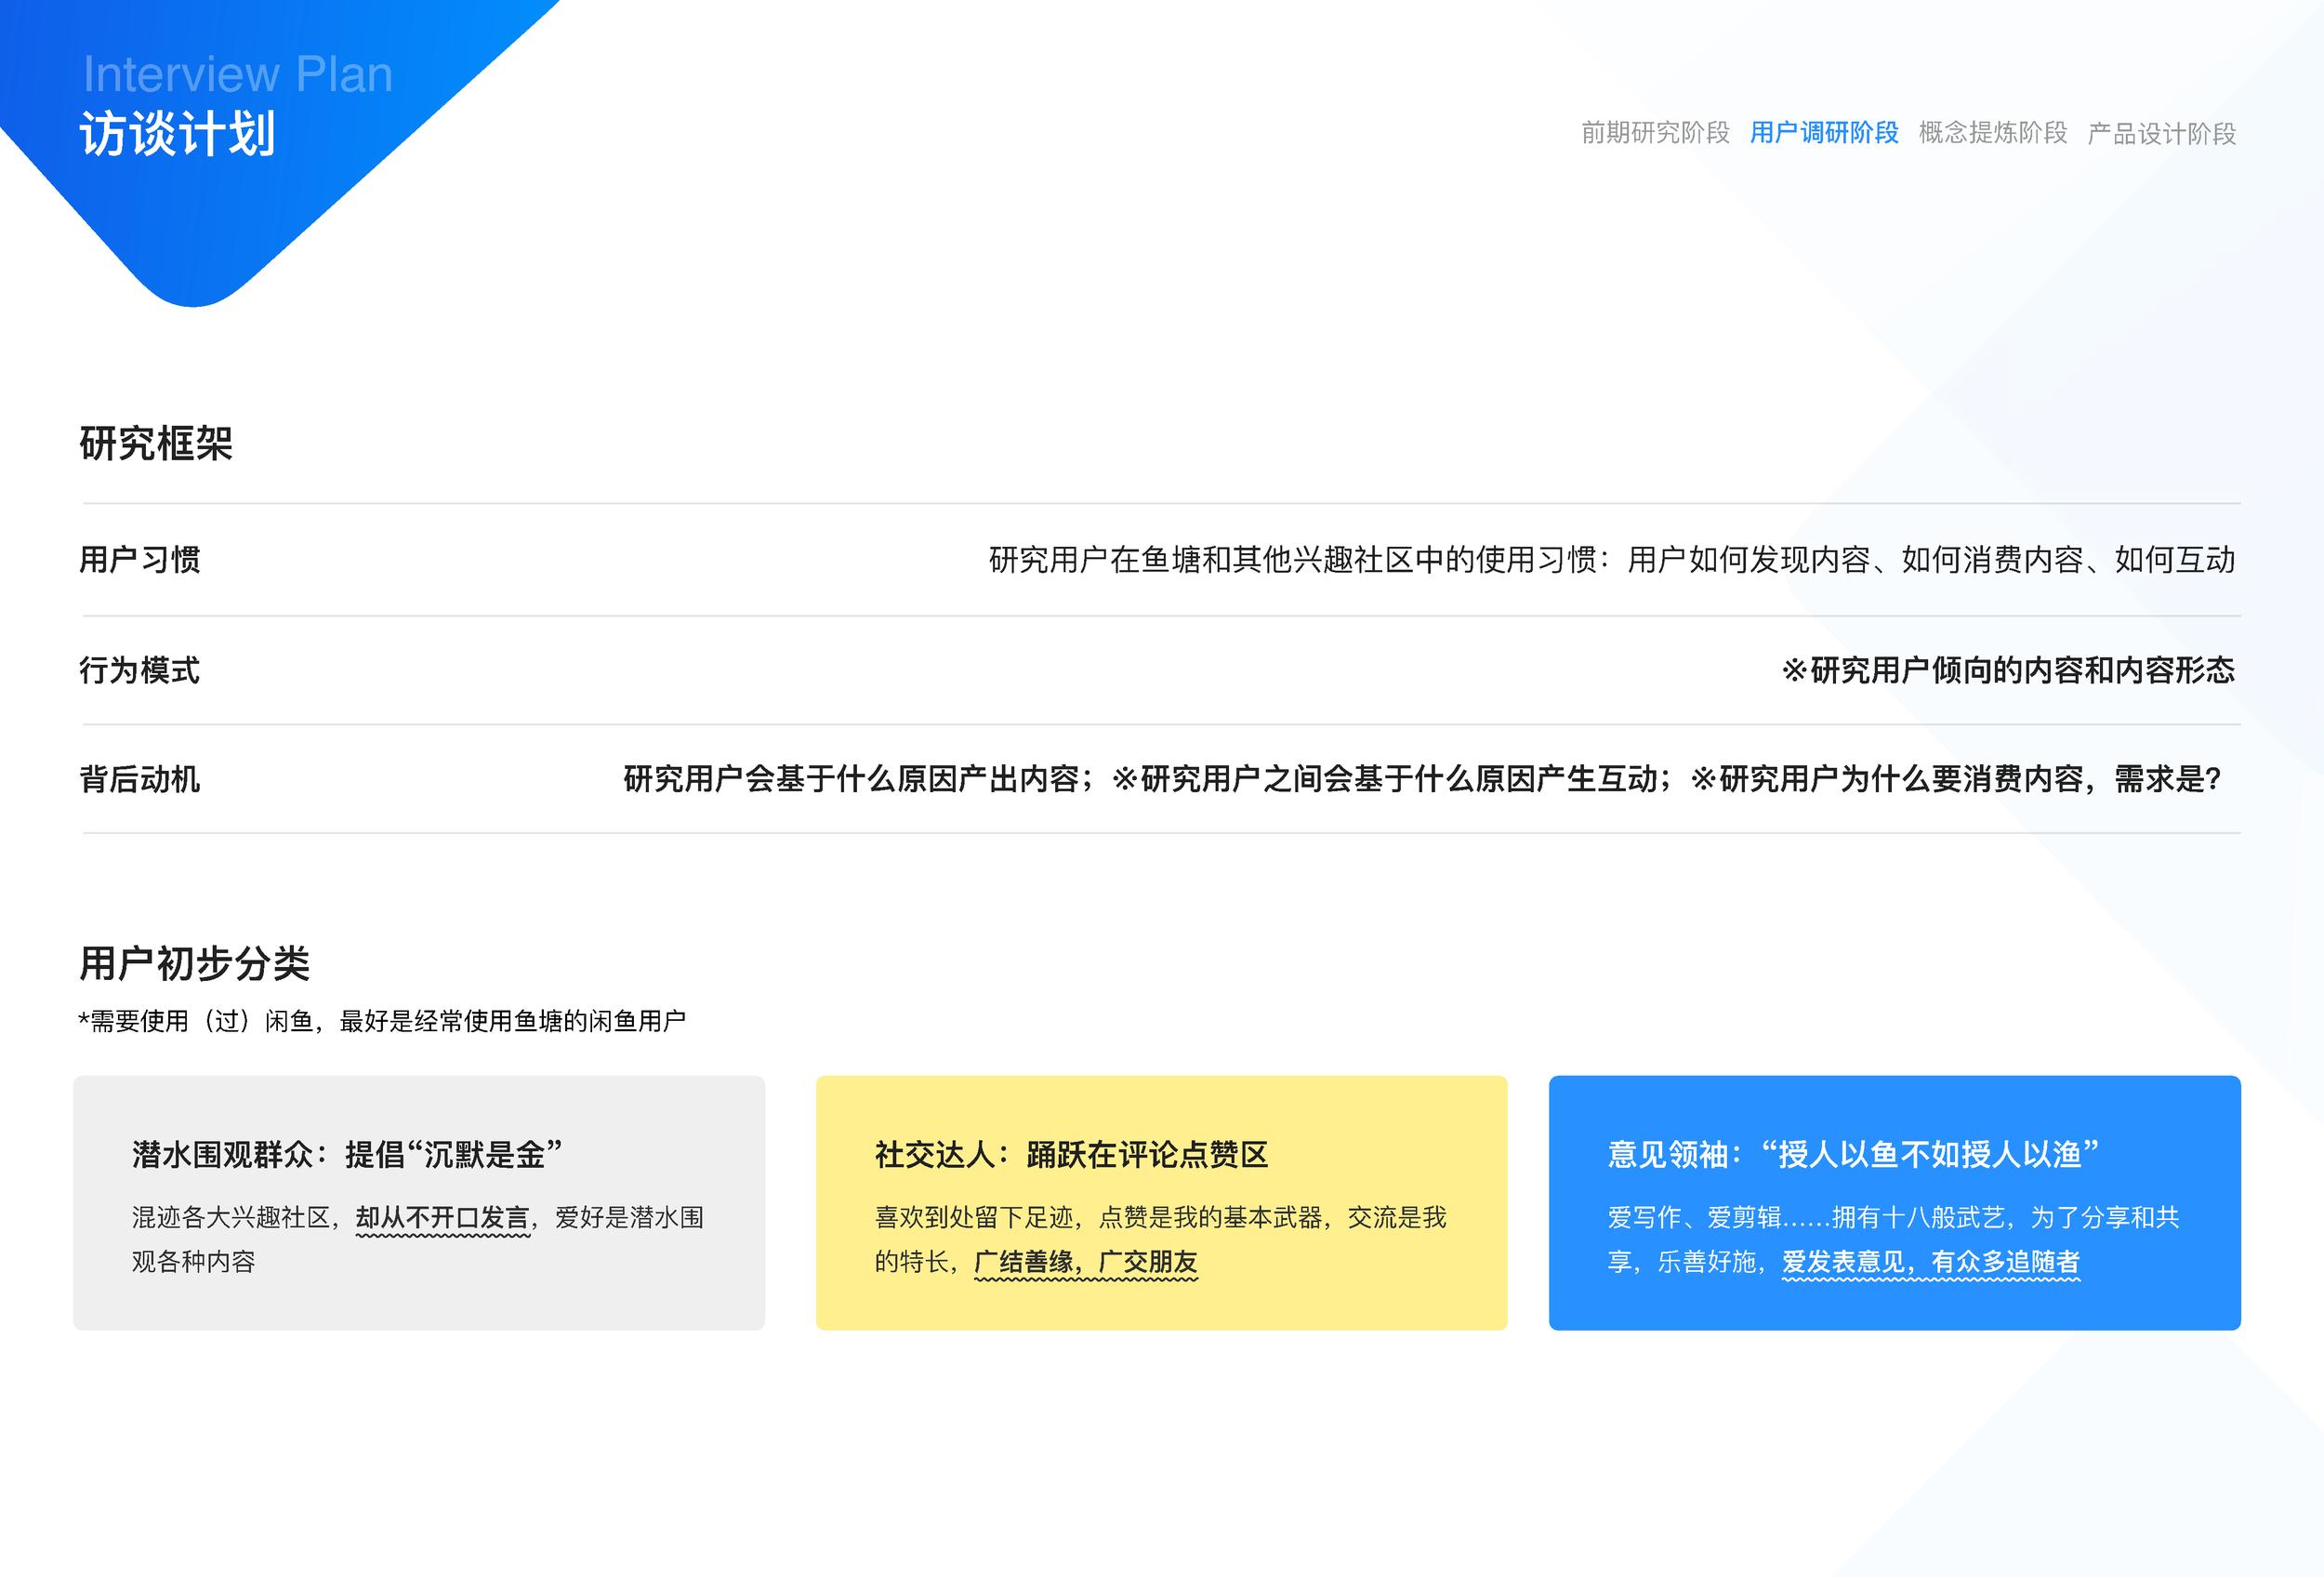 闲鱼社区互动设计(17小组油猫饼)_页面_06.png